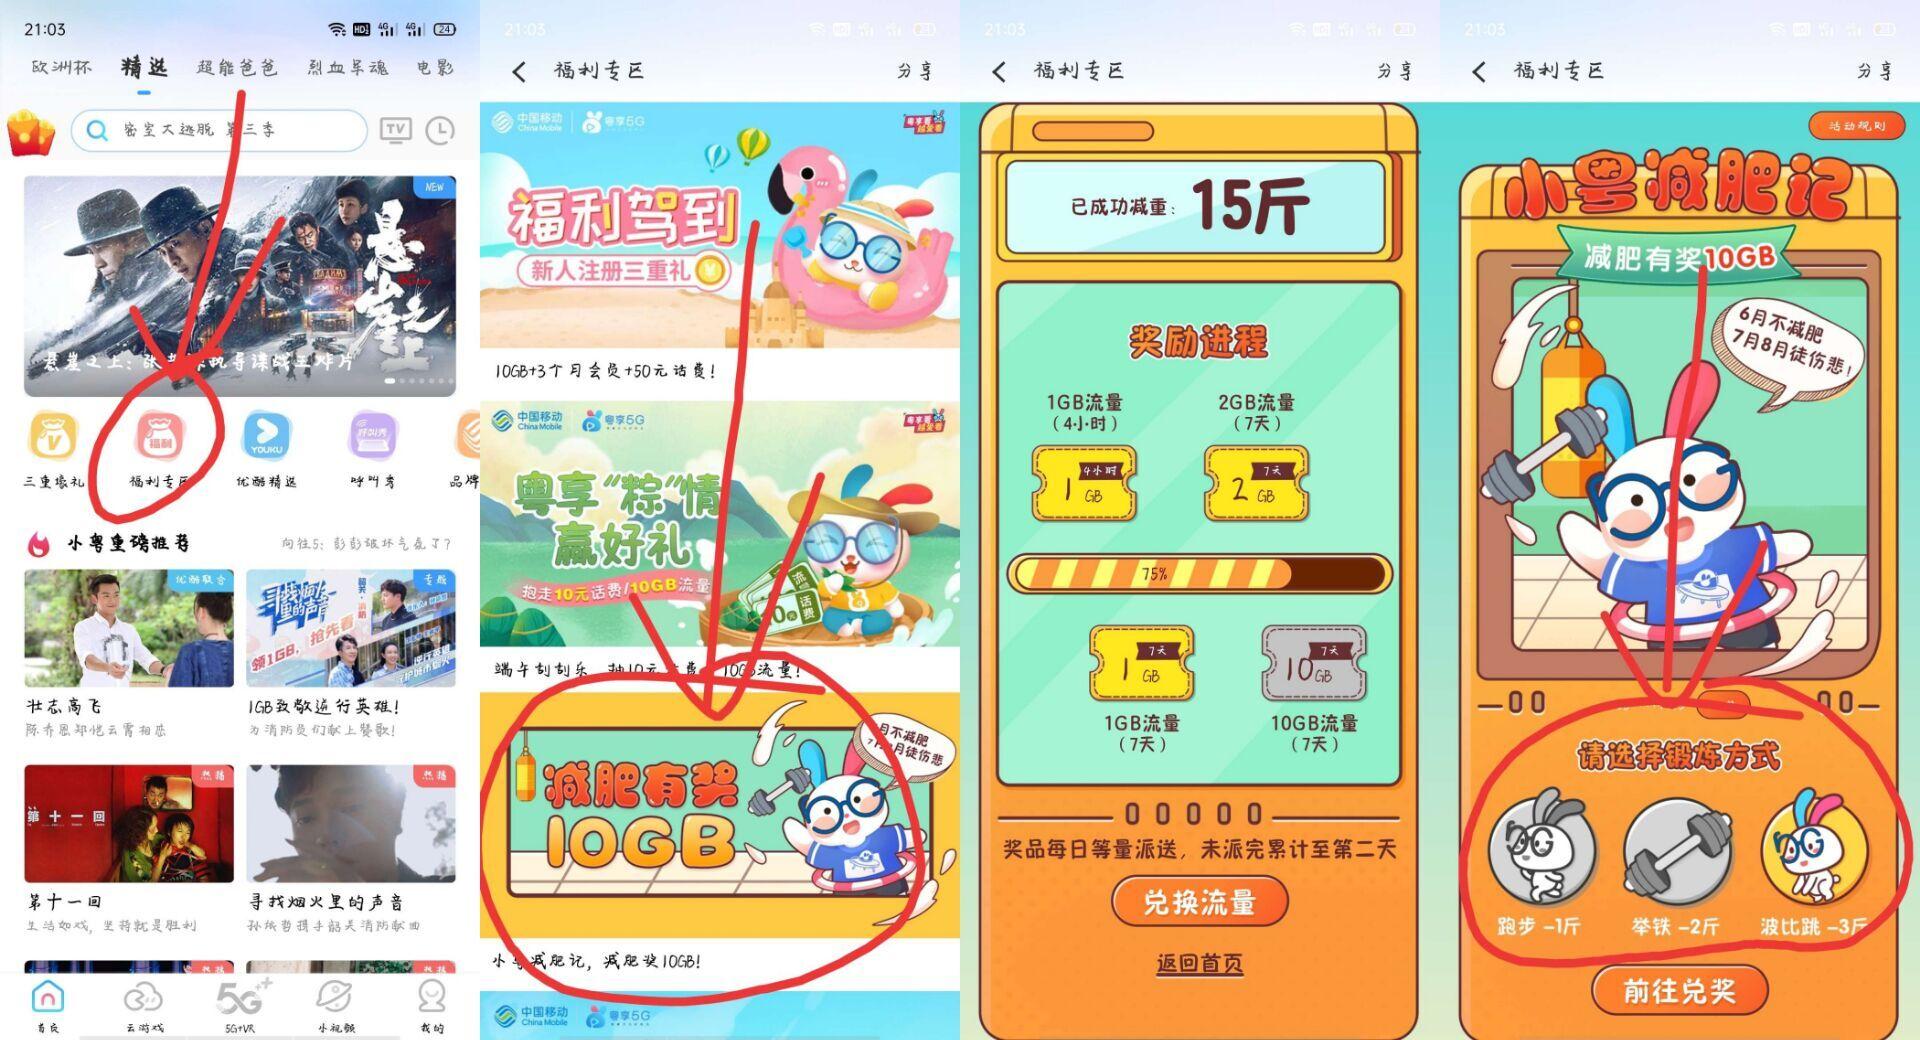 广东地区移动领10G流量